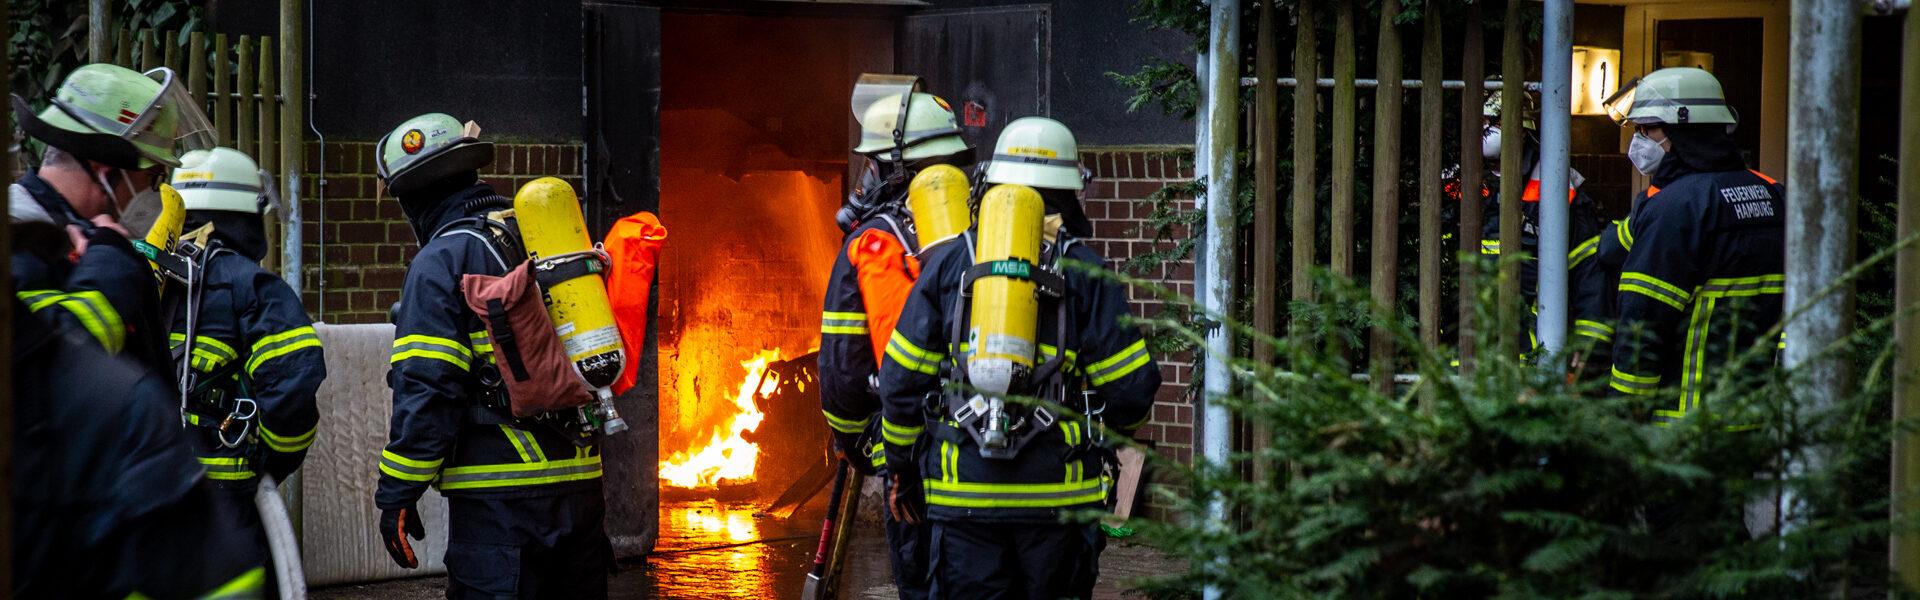 22.03.2021 – Feueralarm im Hochhaus